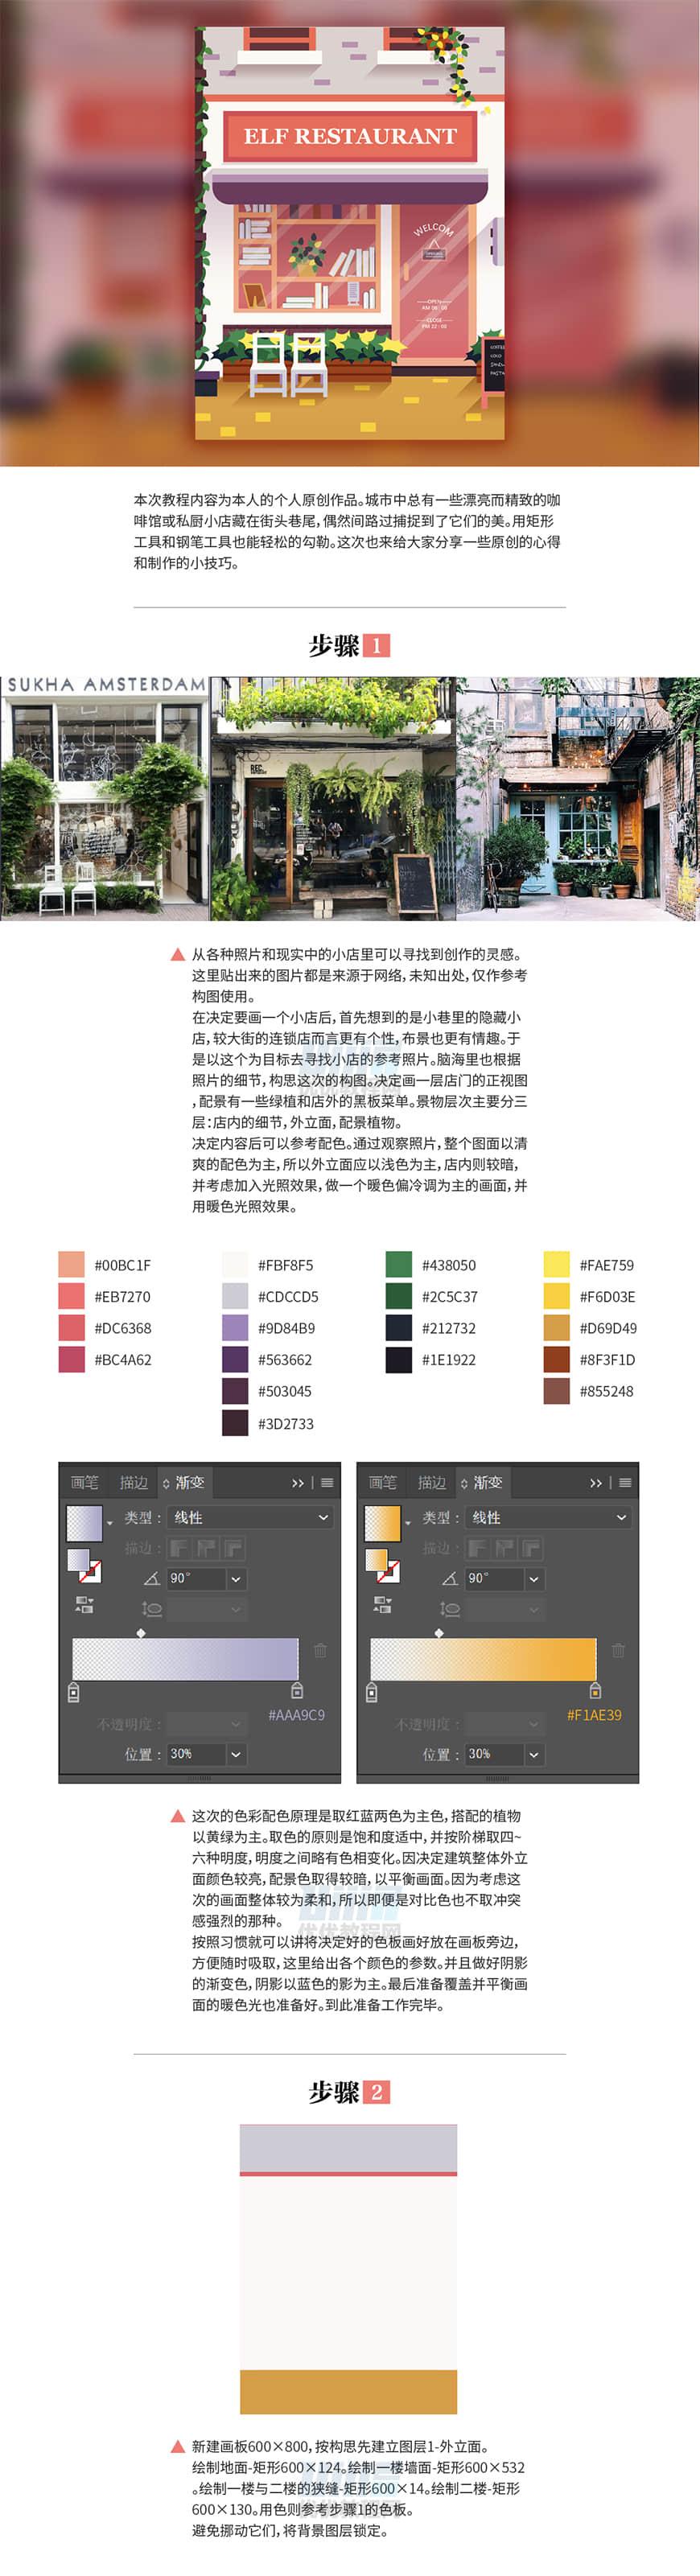 Illustrator绘制时尚的街边小店插画教程,PS教程,思缘教程网